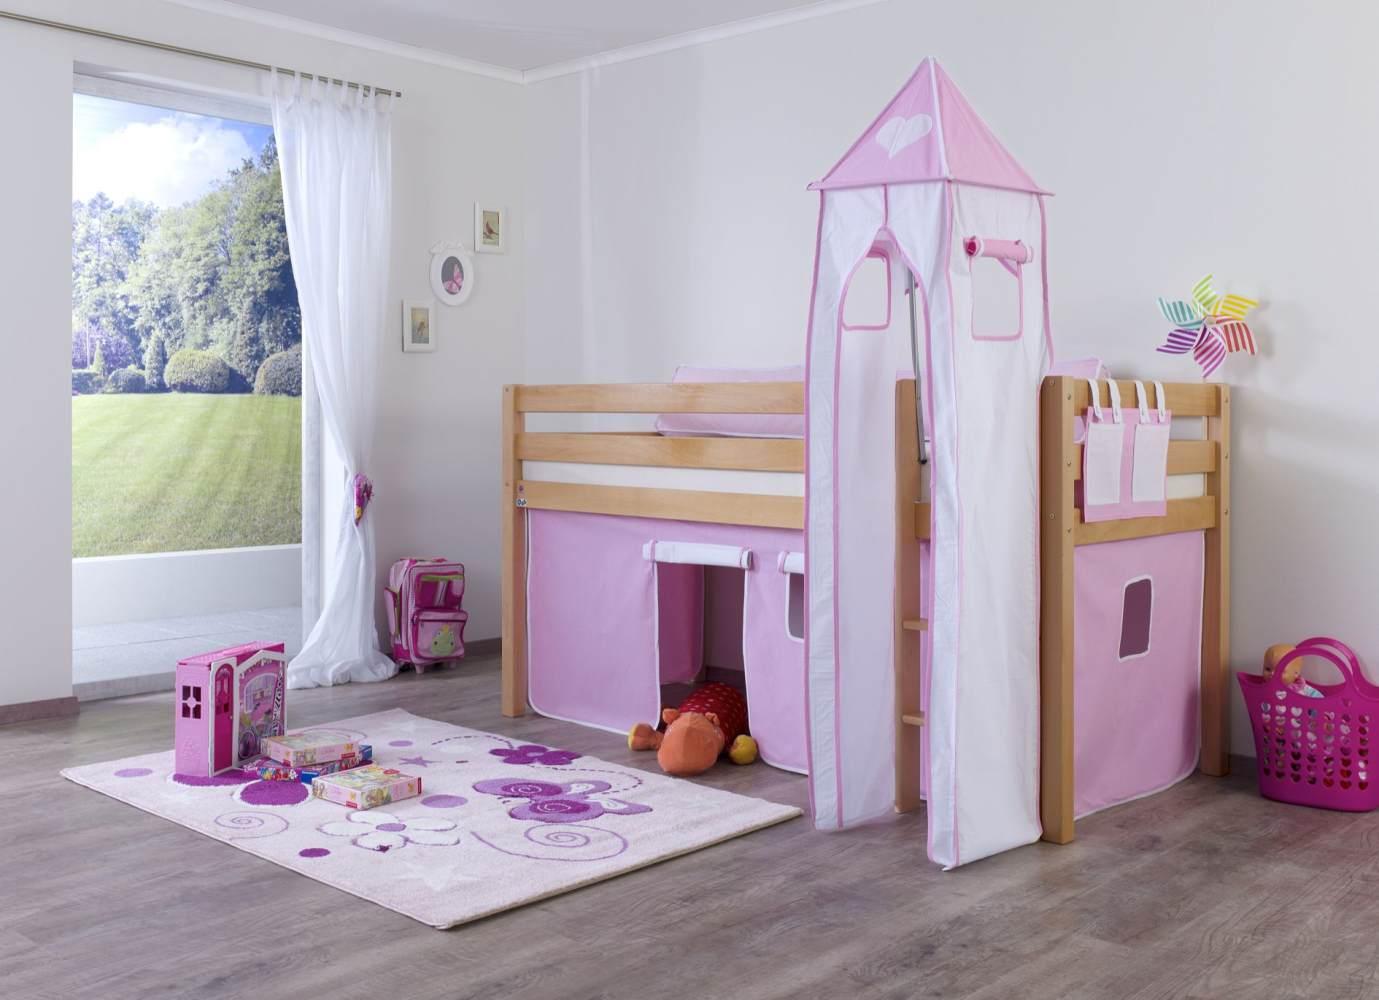 Relita Halbhohes Spielbett ALEX Buche massiv natur lackiert mit Stoffset Vorhang, Turm, Tasche Bild 1